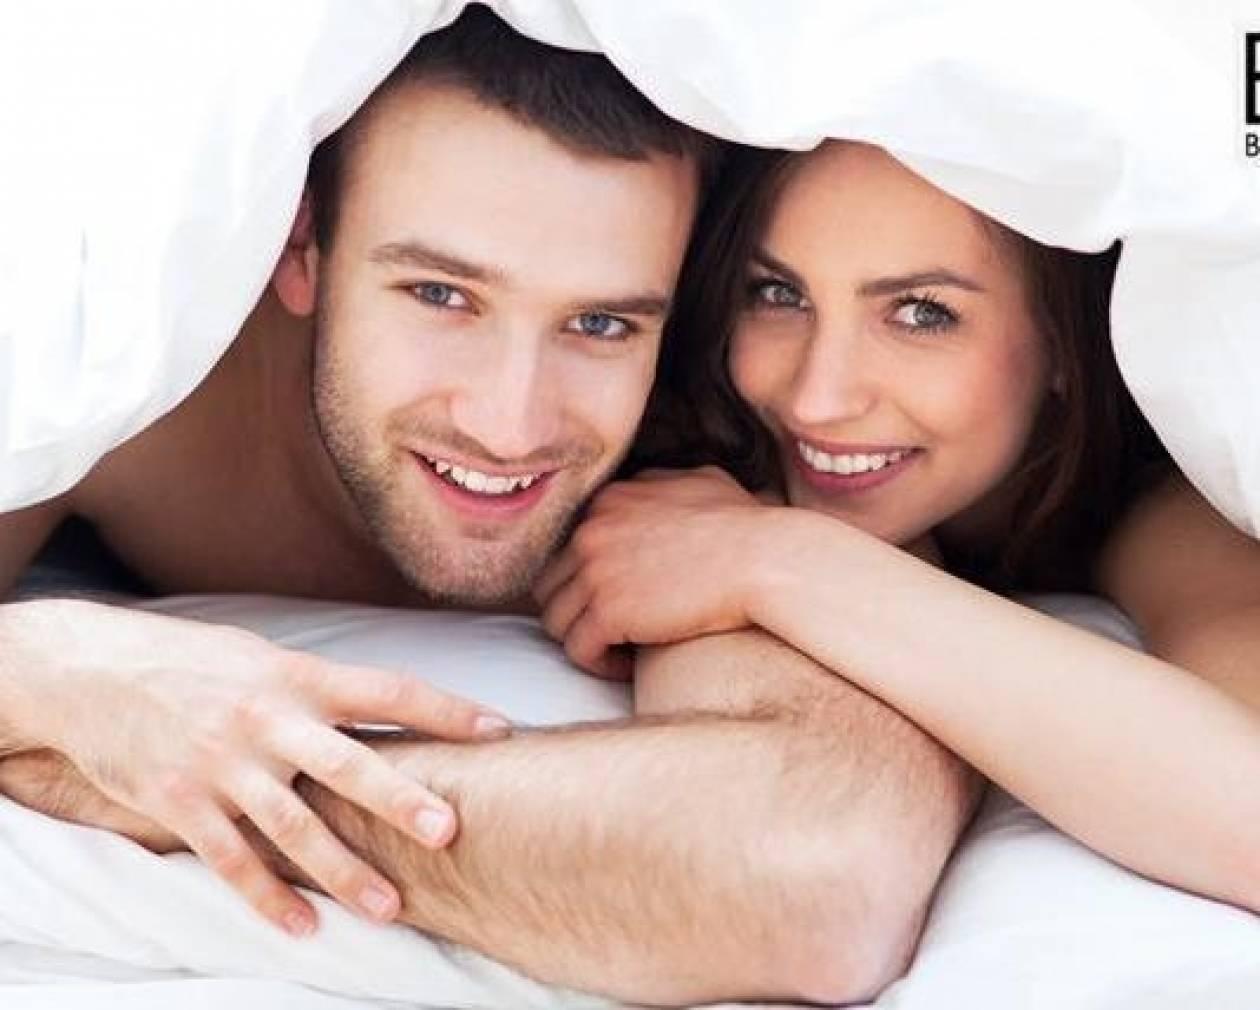 Το σεξ προστατεύει τους άνδρες από τον καρκίνο του προστάτη